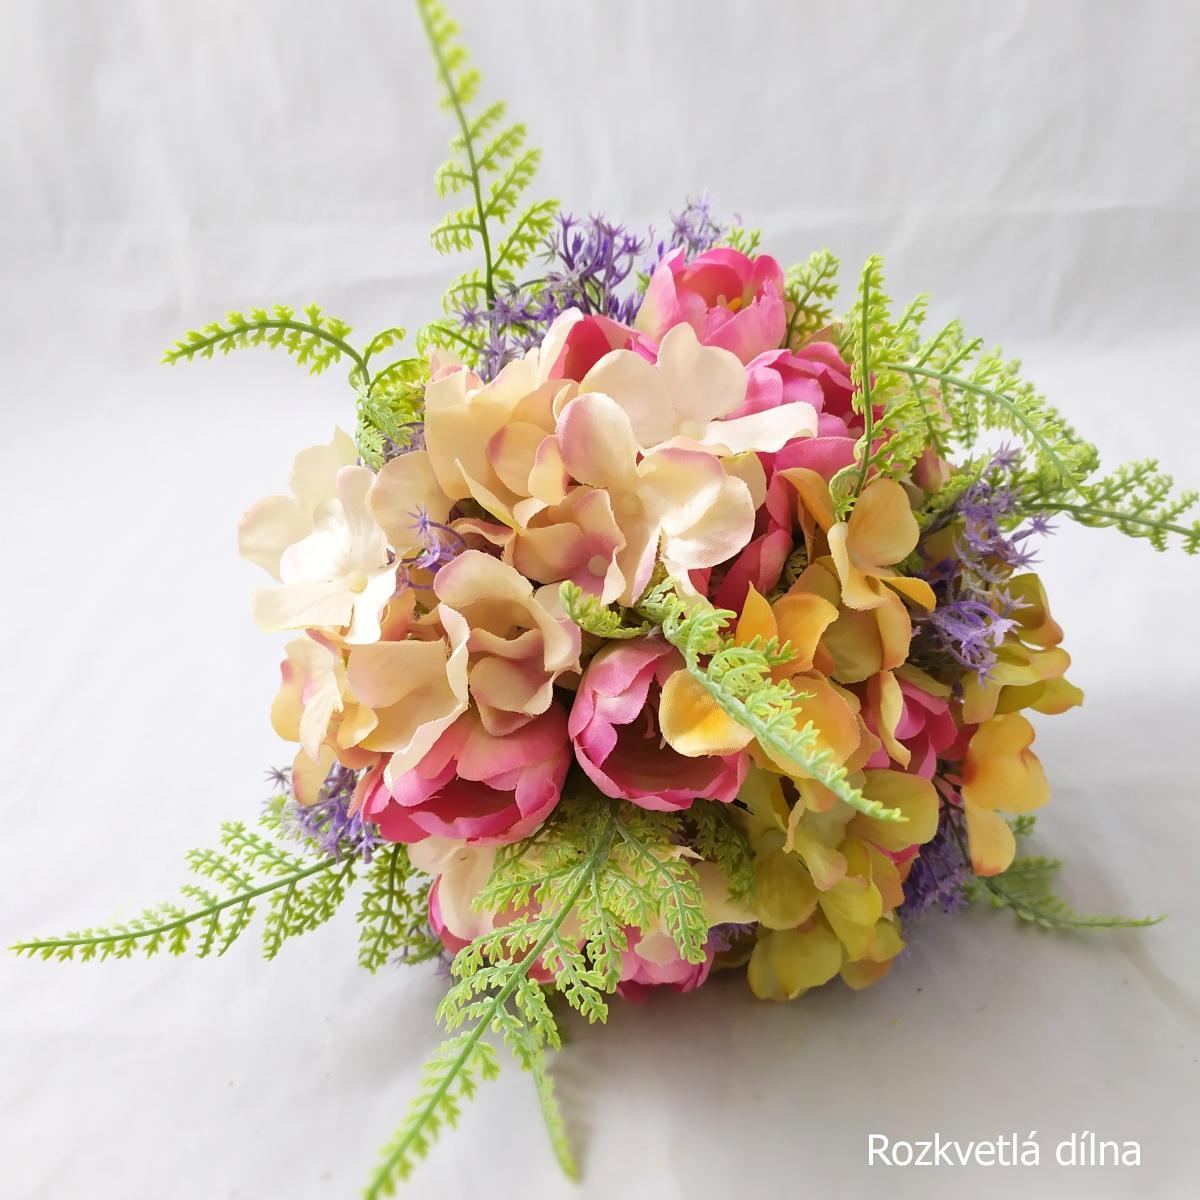 Látkové květiny z Rozkvetlé dílny - Obrázek č. 2